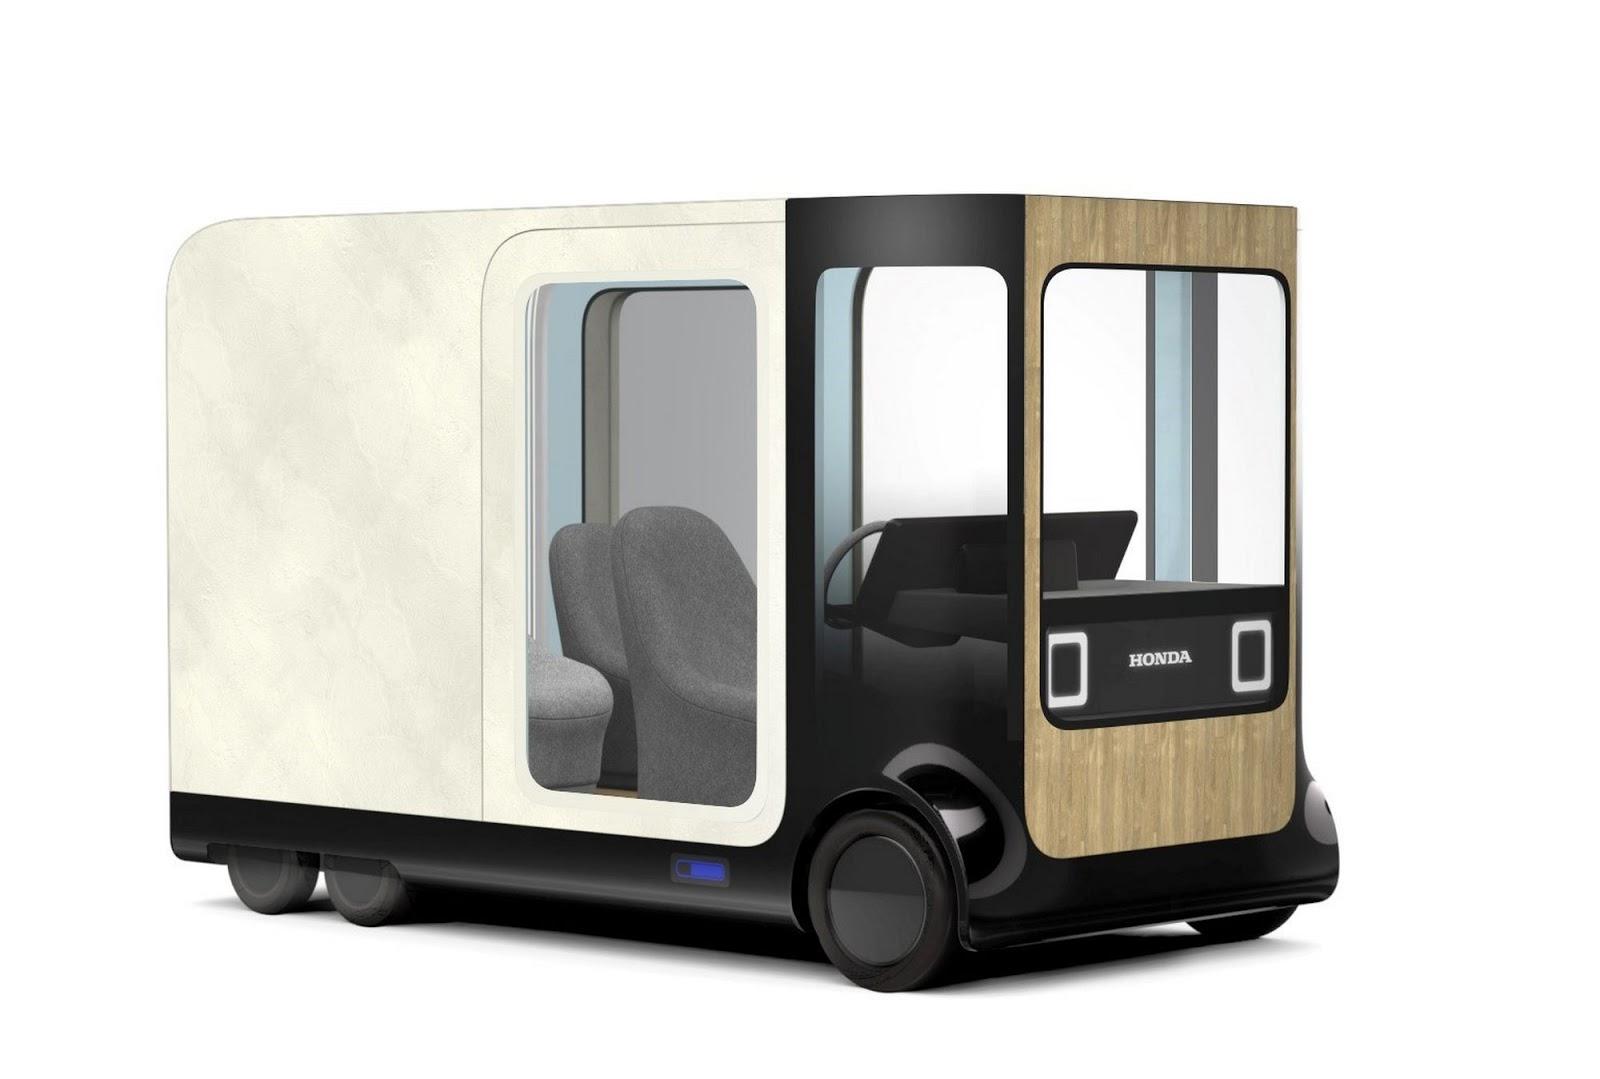 Honda Ie-Mobi Concept